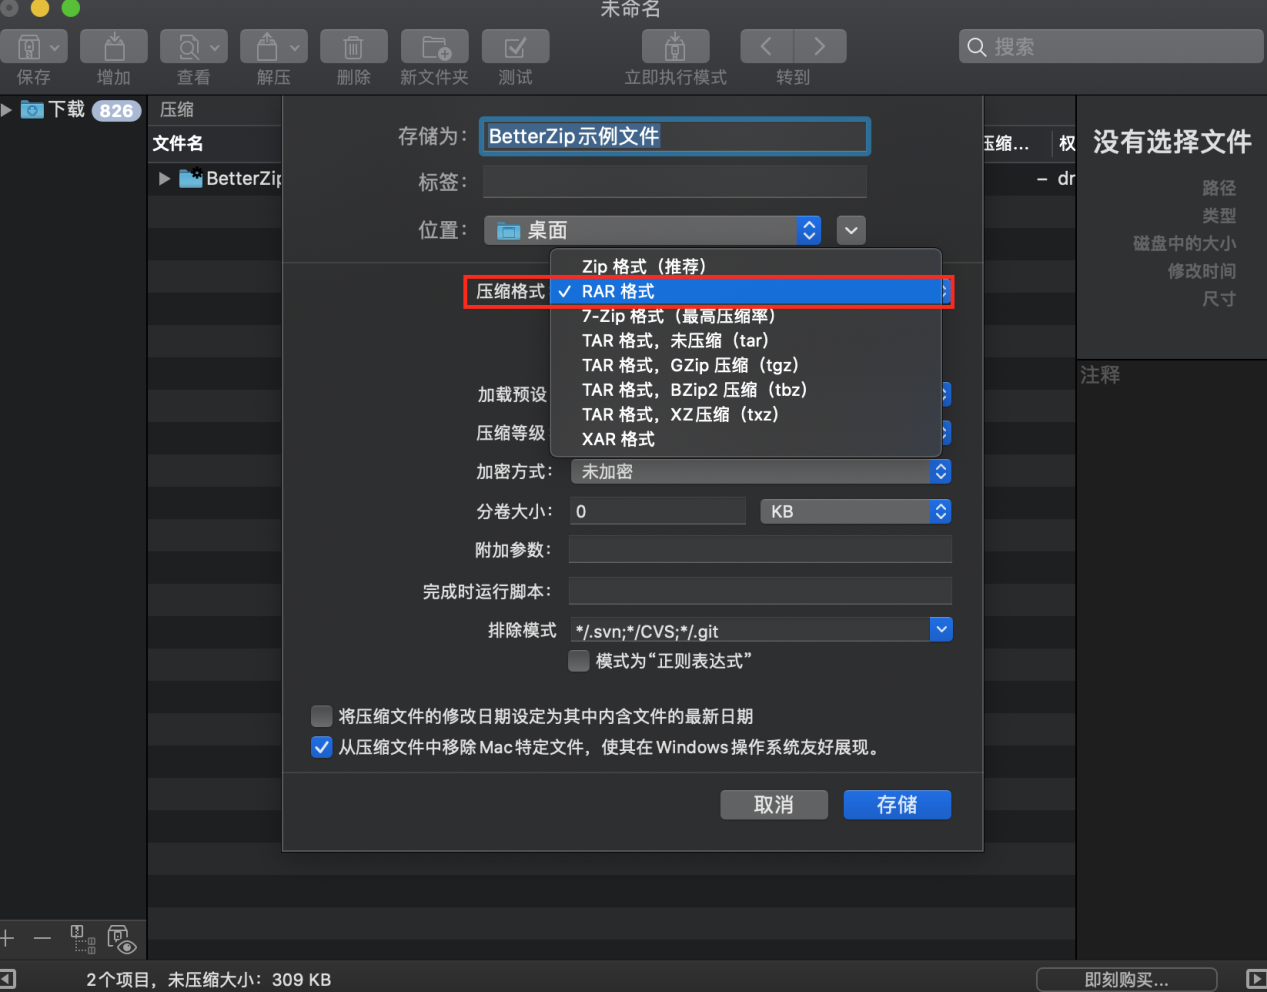 使用BetterZip将文件压缩成rar格式